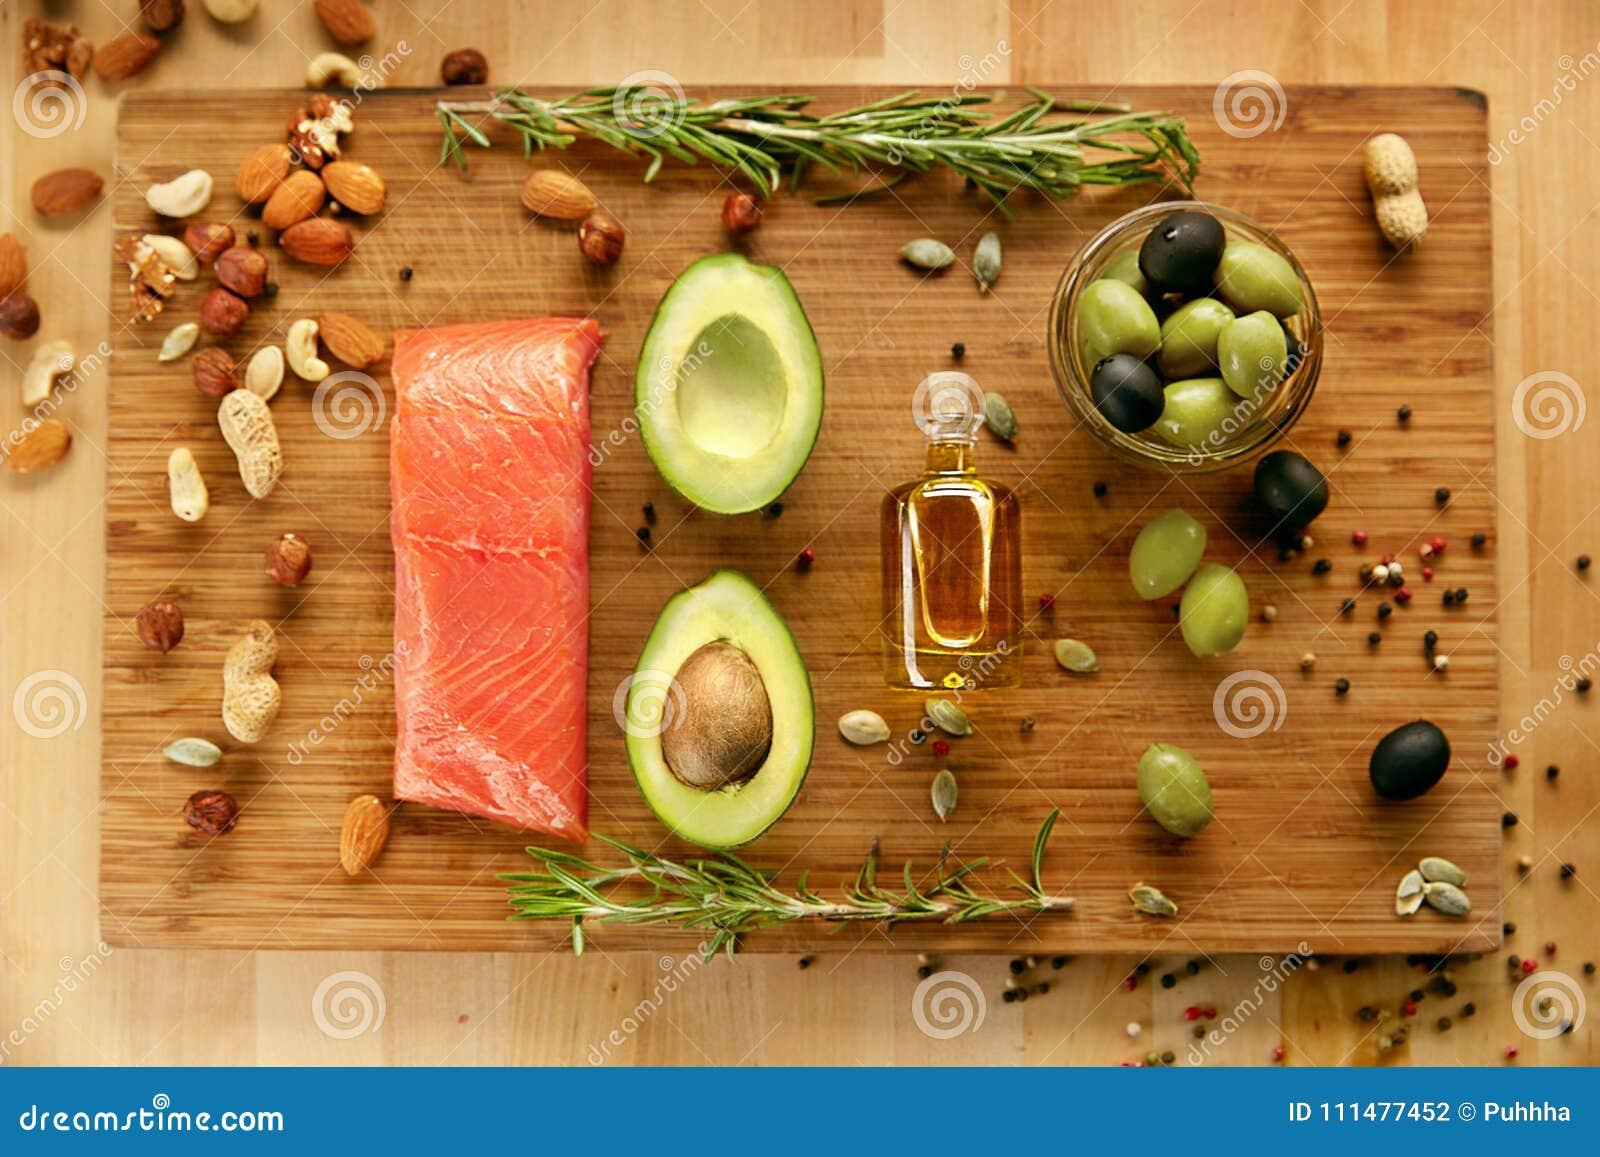 Gesunde Nahrung Produkte Fur Gesunde Diat Auf Tabelle Stockfoto